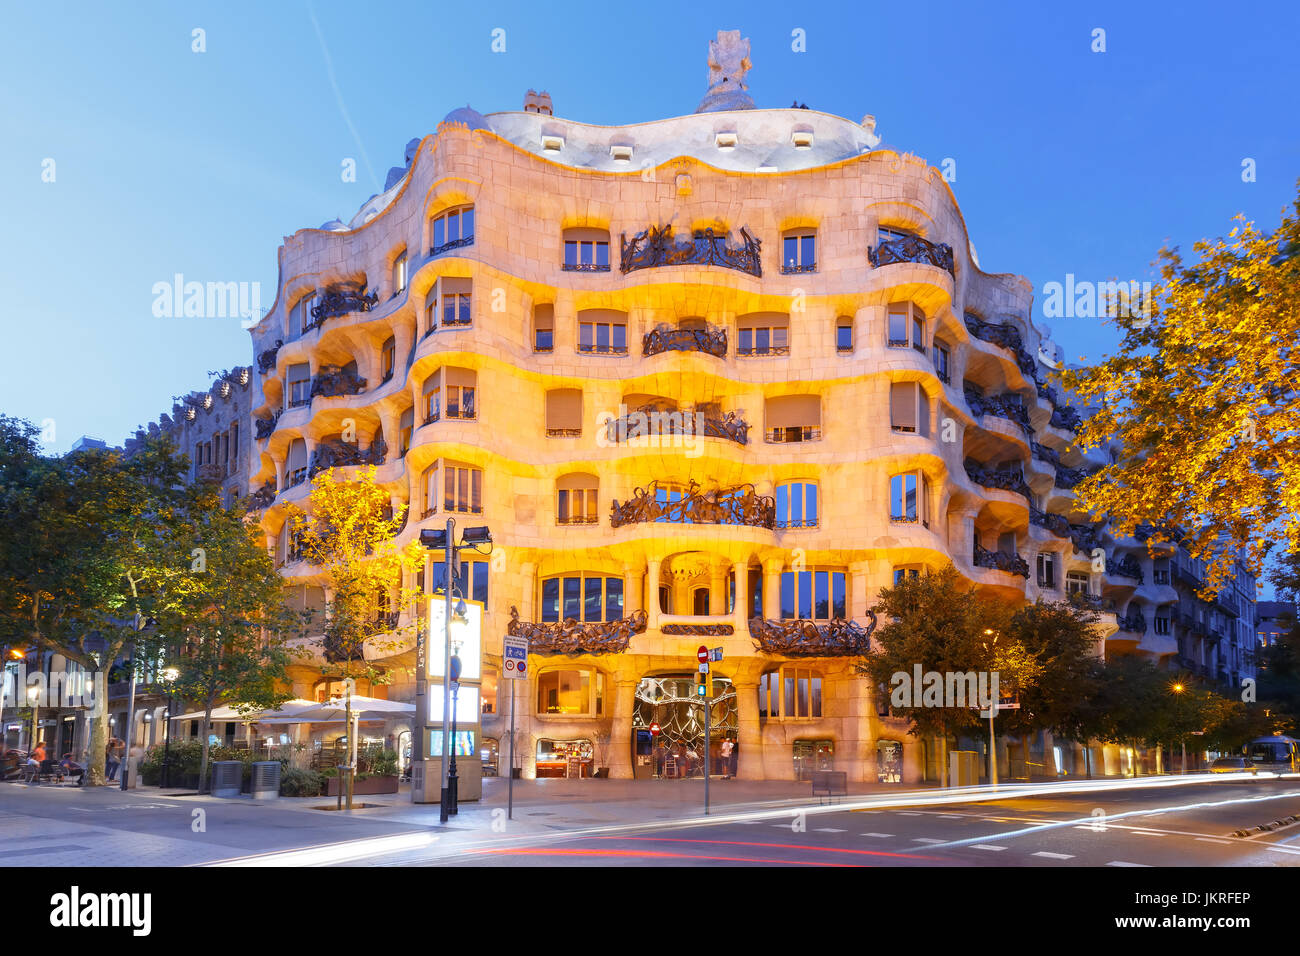 Casa Mila di notte, Barcellona, Spagna Immagini Stock